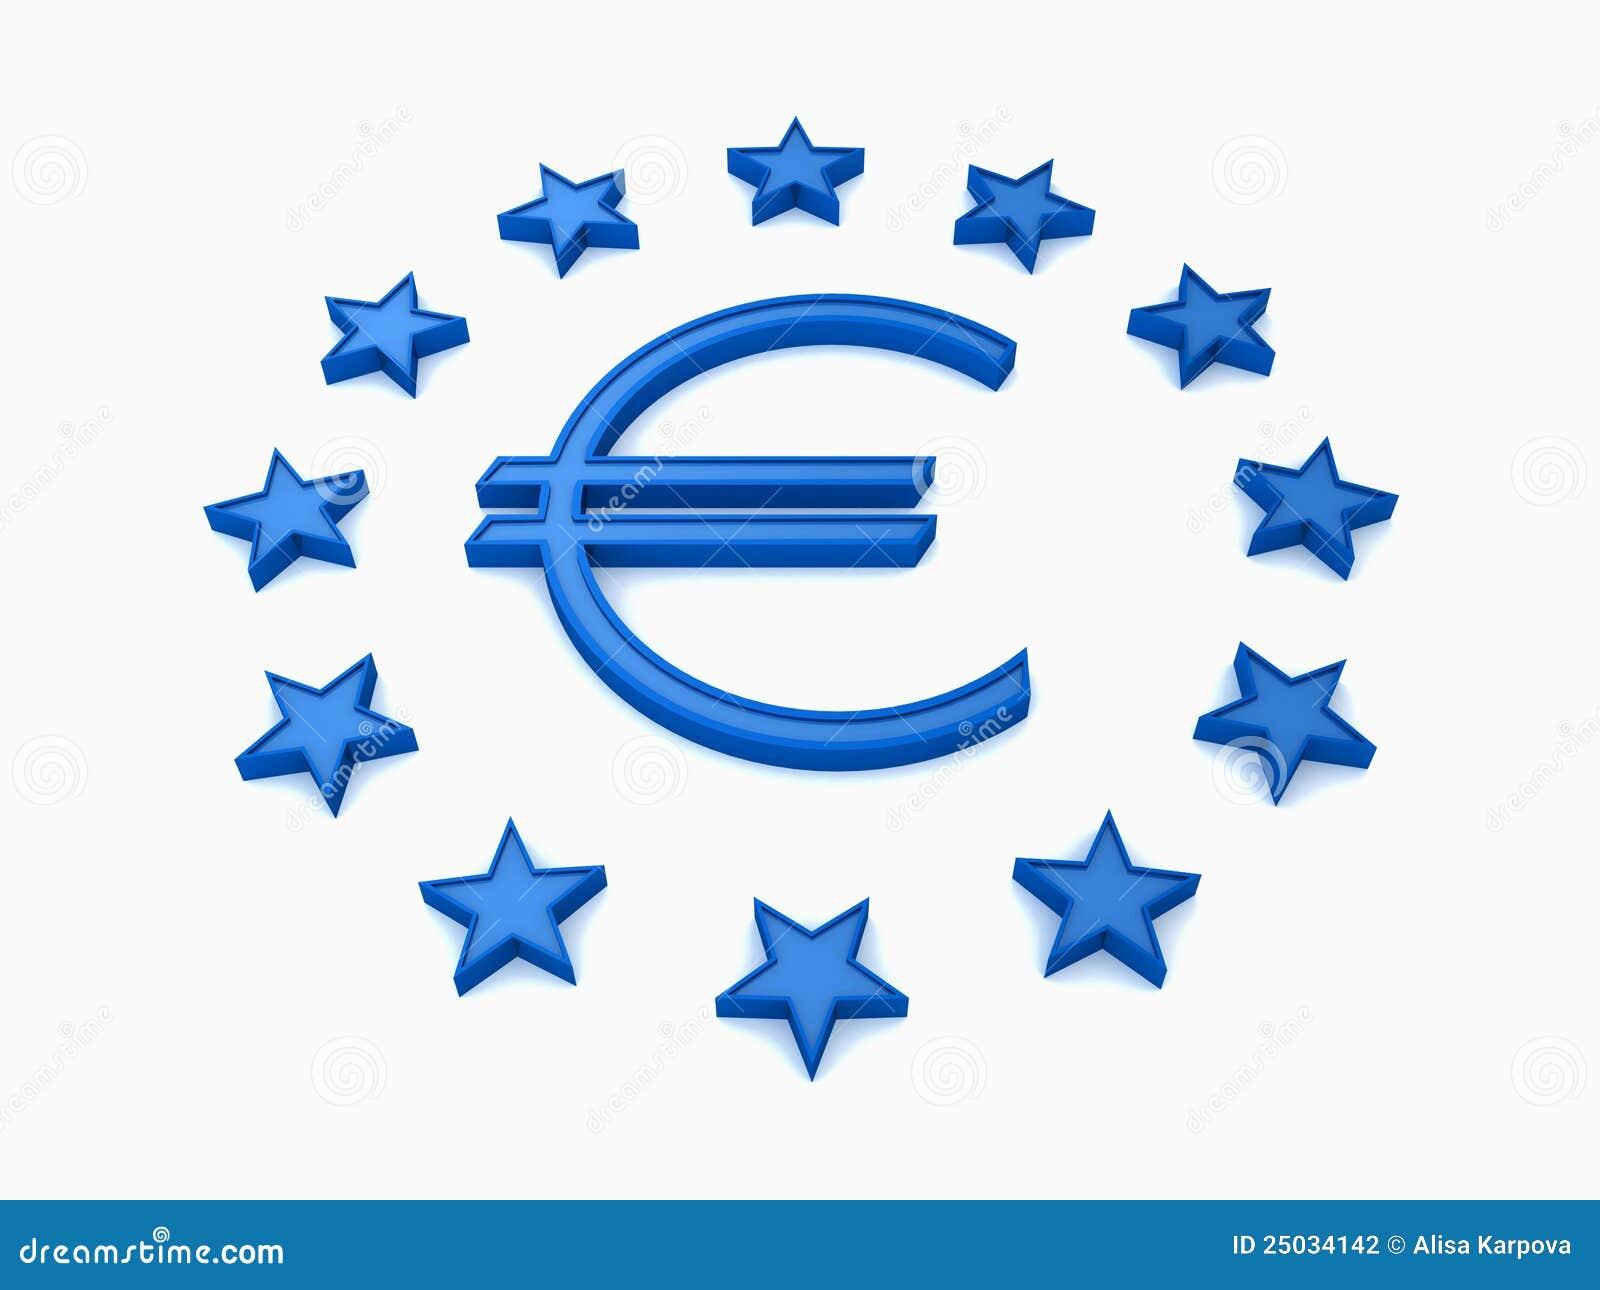 De Sterrenronde Van De EU Met Blauw Euro Teken Op Wit ...